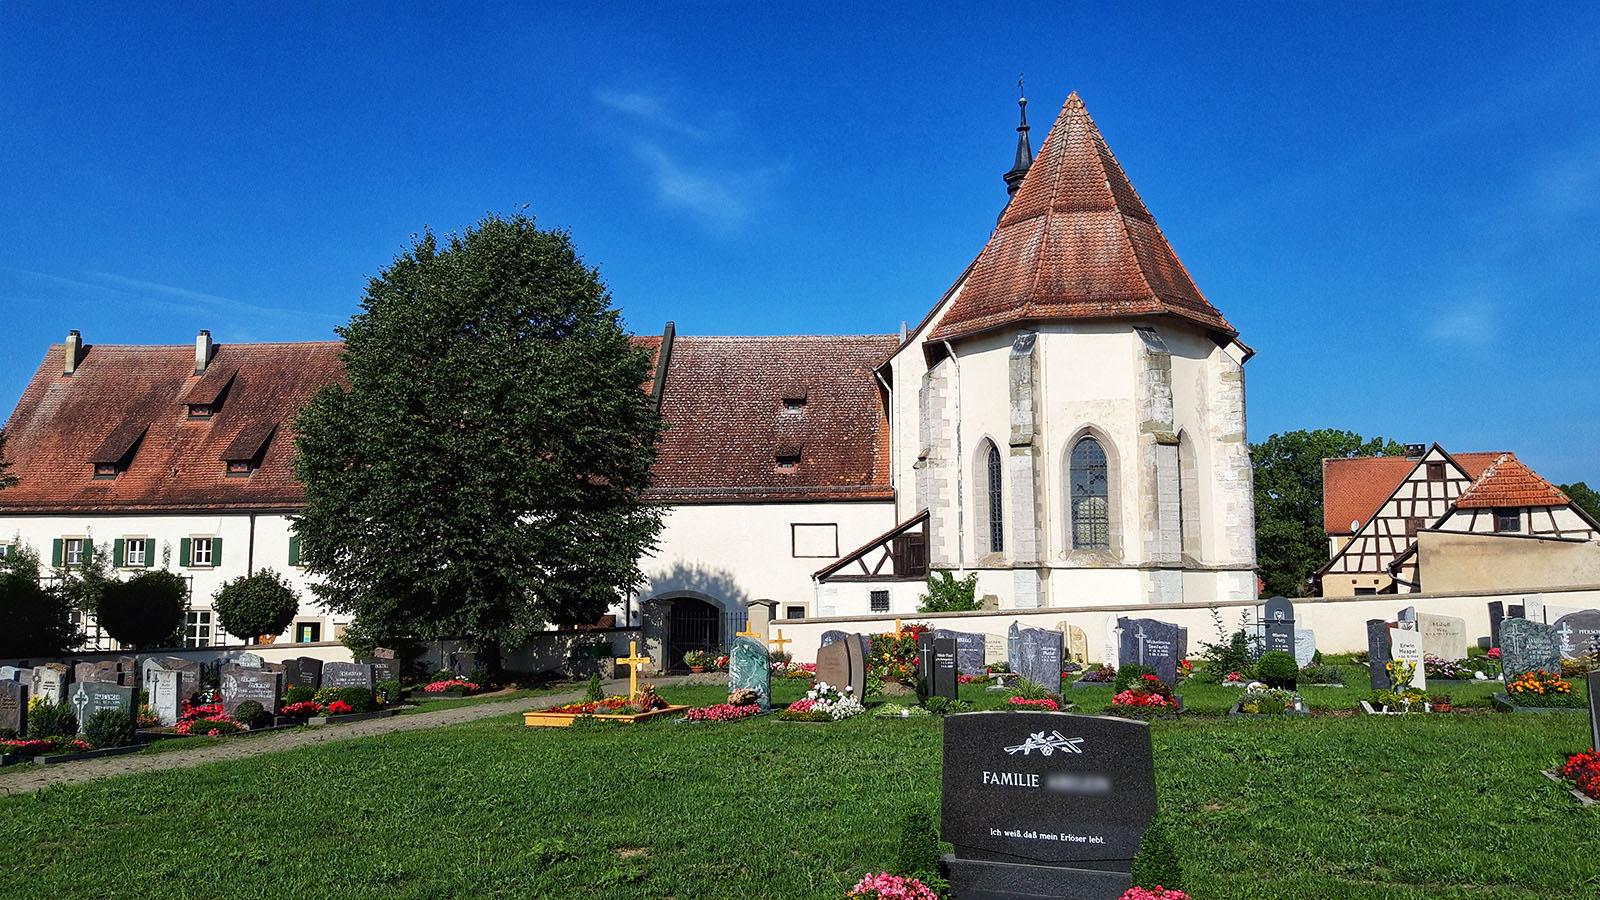 Eine der zahlreichen Kirchen am Weitwanderweg Romantische Straße